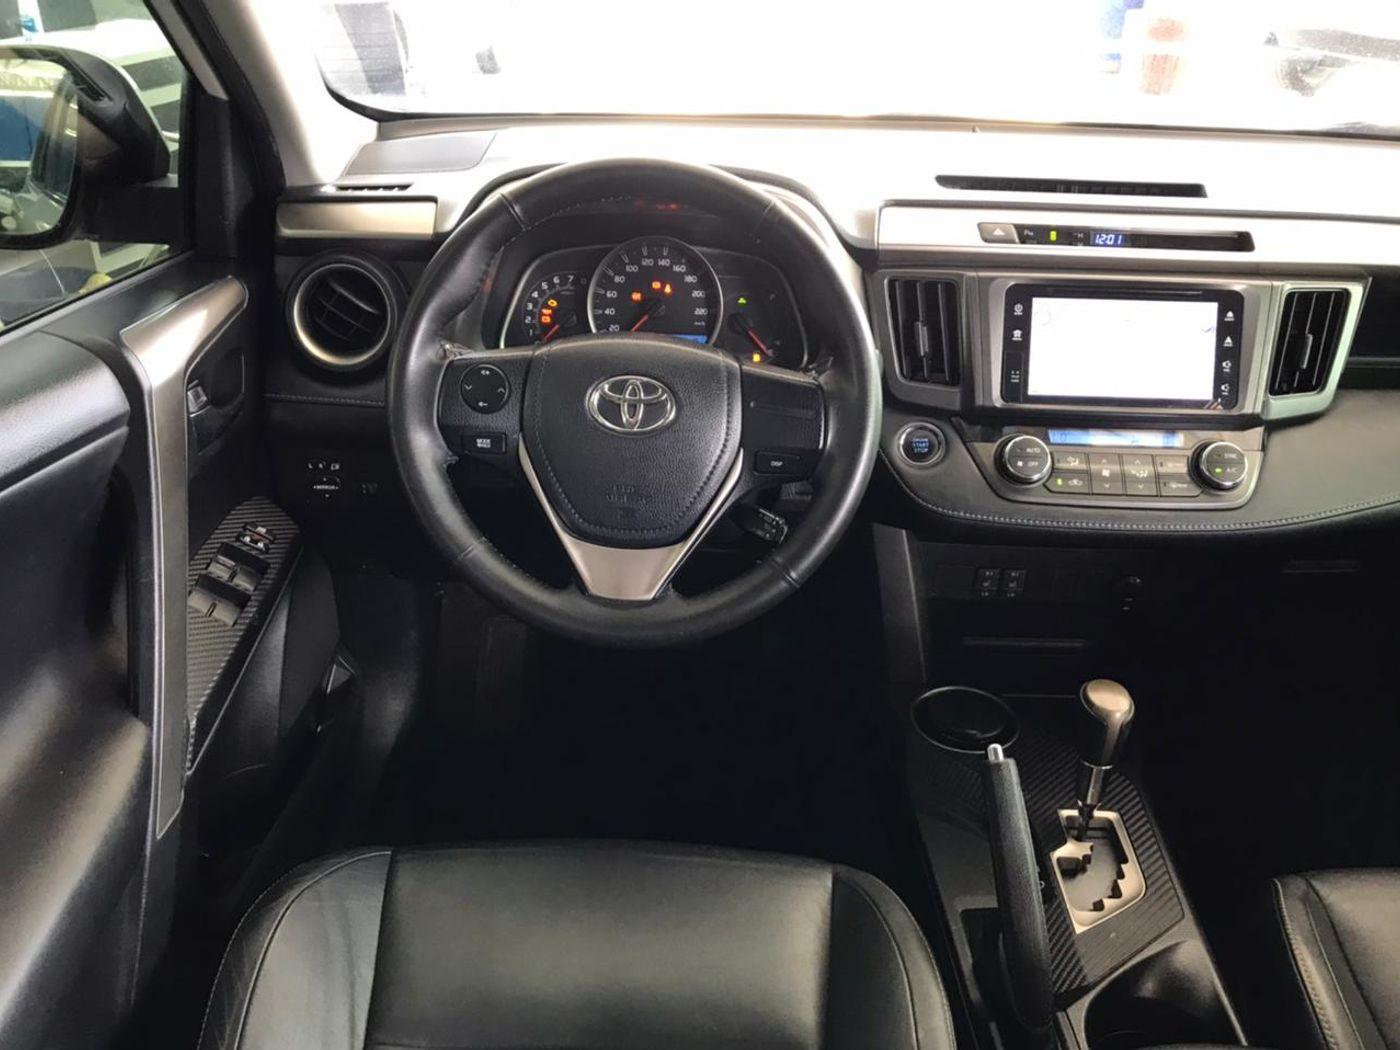 Toyota RAV4 2.0 4x2 16V Aut.